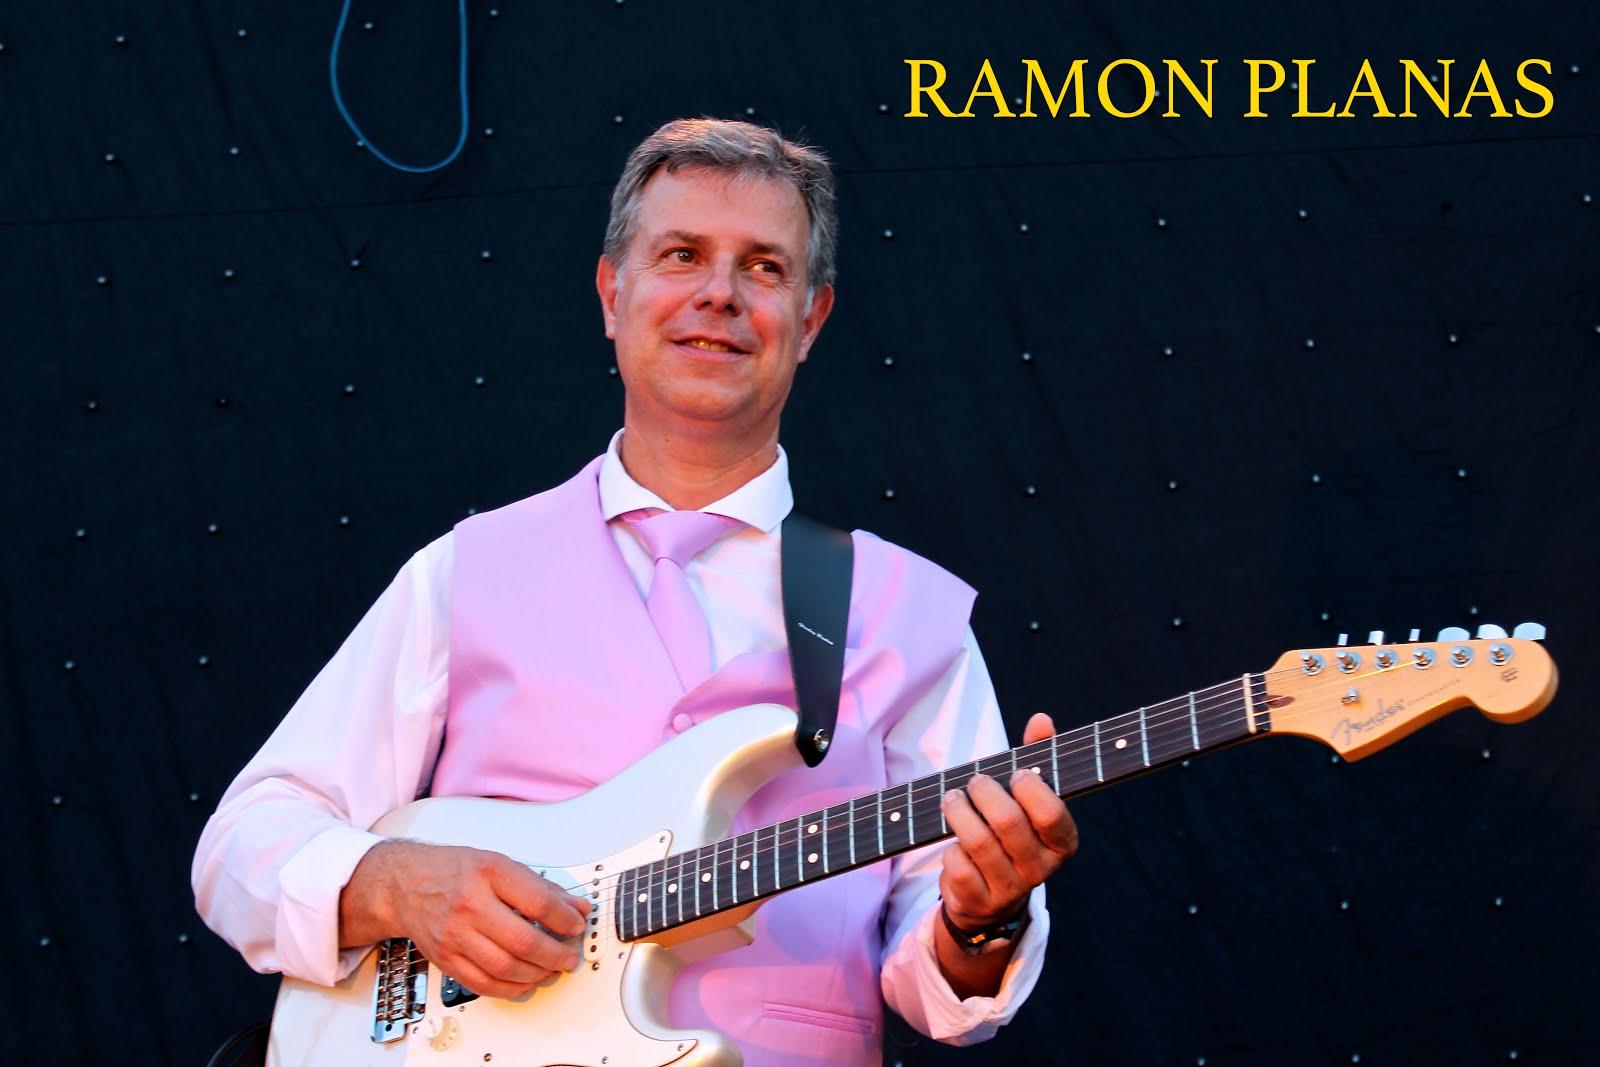 Ramon Planas